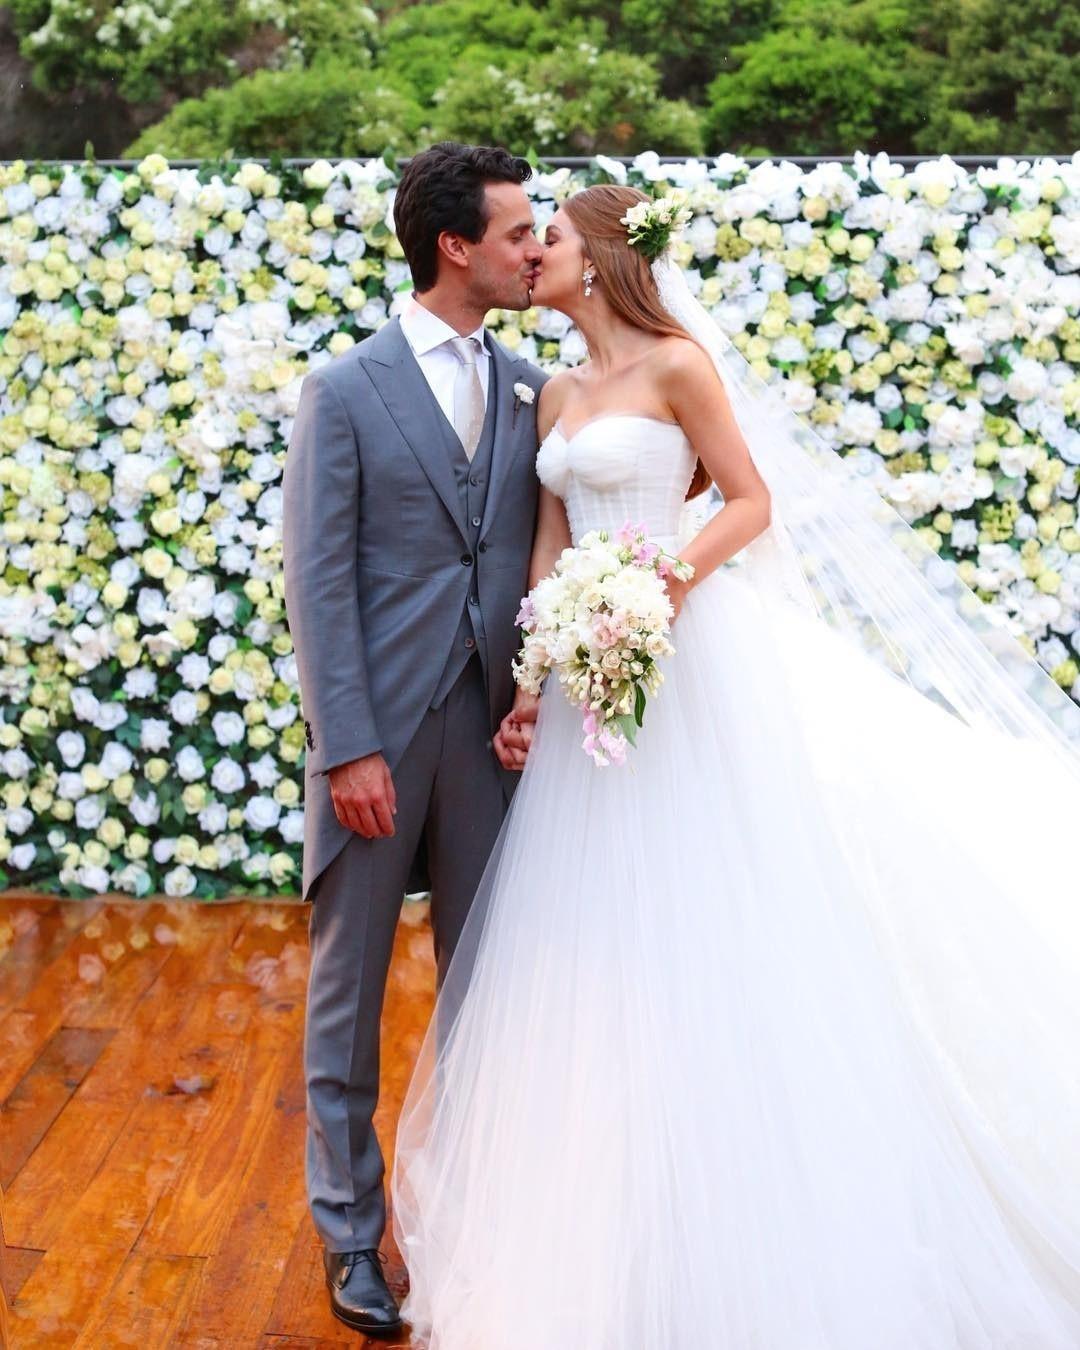 O casamento de Marina Ruy Barbosa e Xande Negrão (Foto: Reprodução )